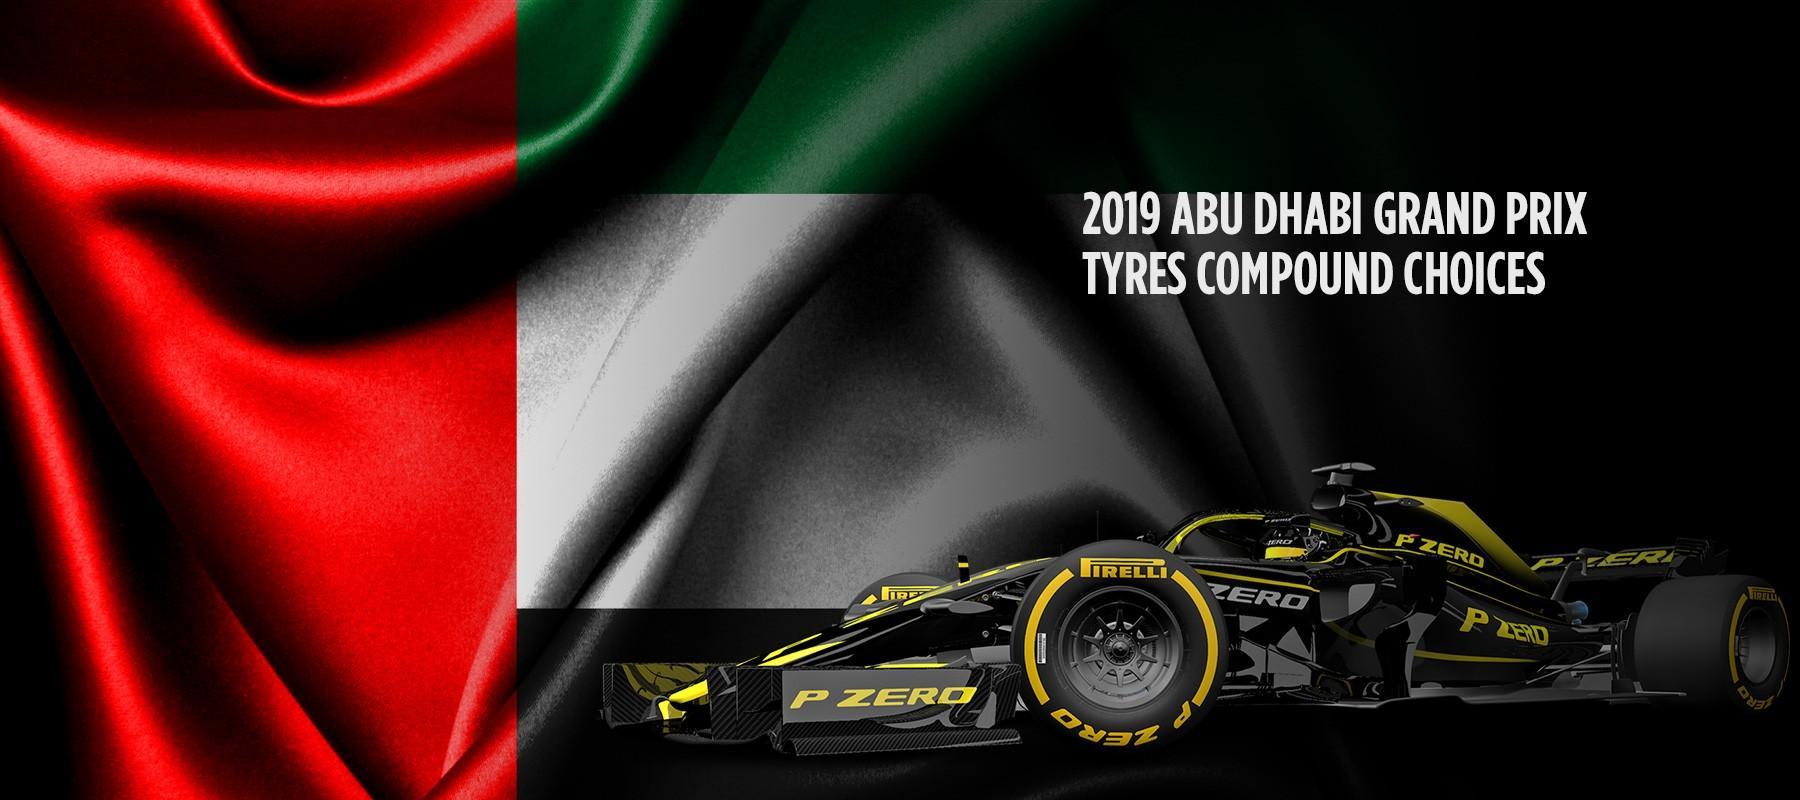 В Пирелли выбрали шины для последнего этапа Чемпионат мира F1 2019